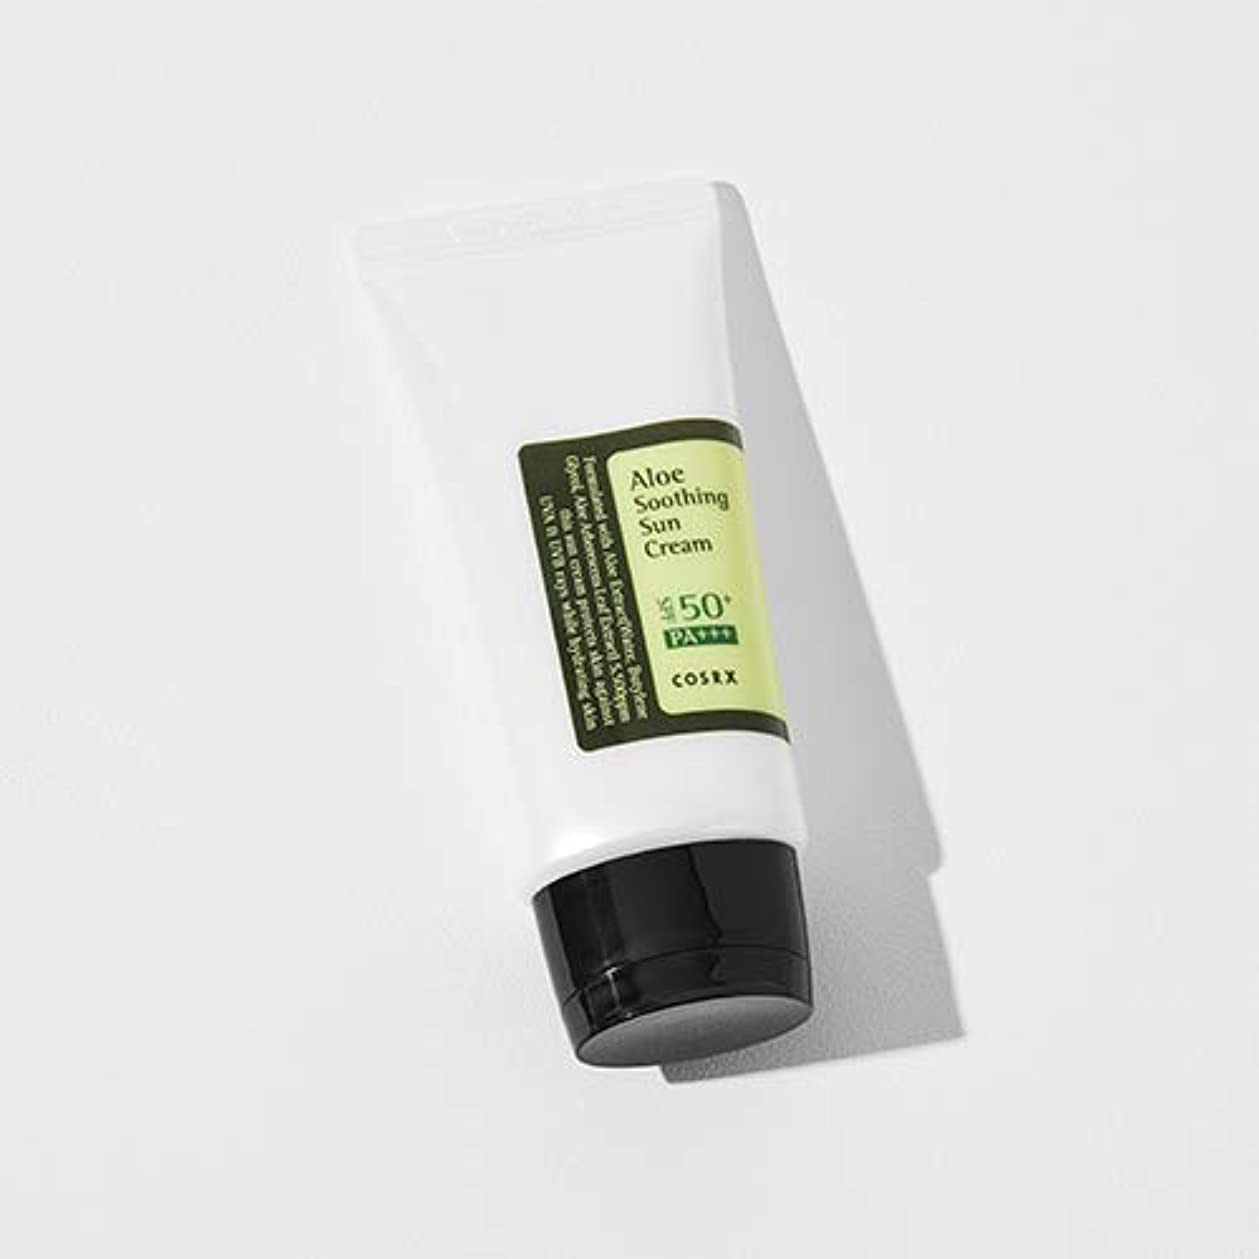 レビュアー研磨詐欺師[COSRX] Aloe Soothing Sun Cream 50ml / [COSRX] アロエ スーディング サンクリーム 50ml [並行輸入品]